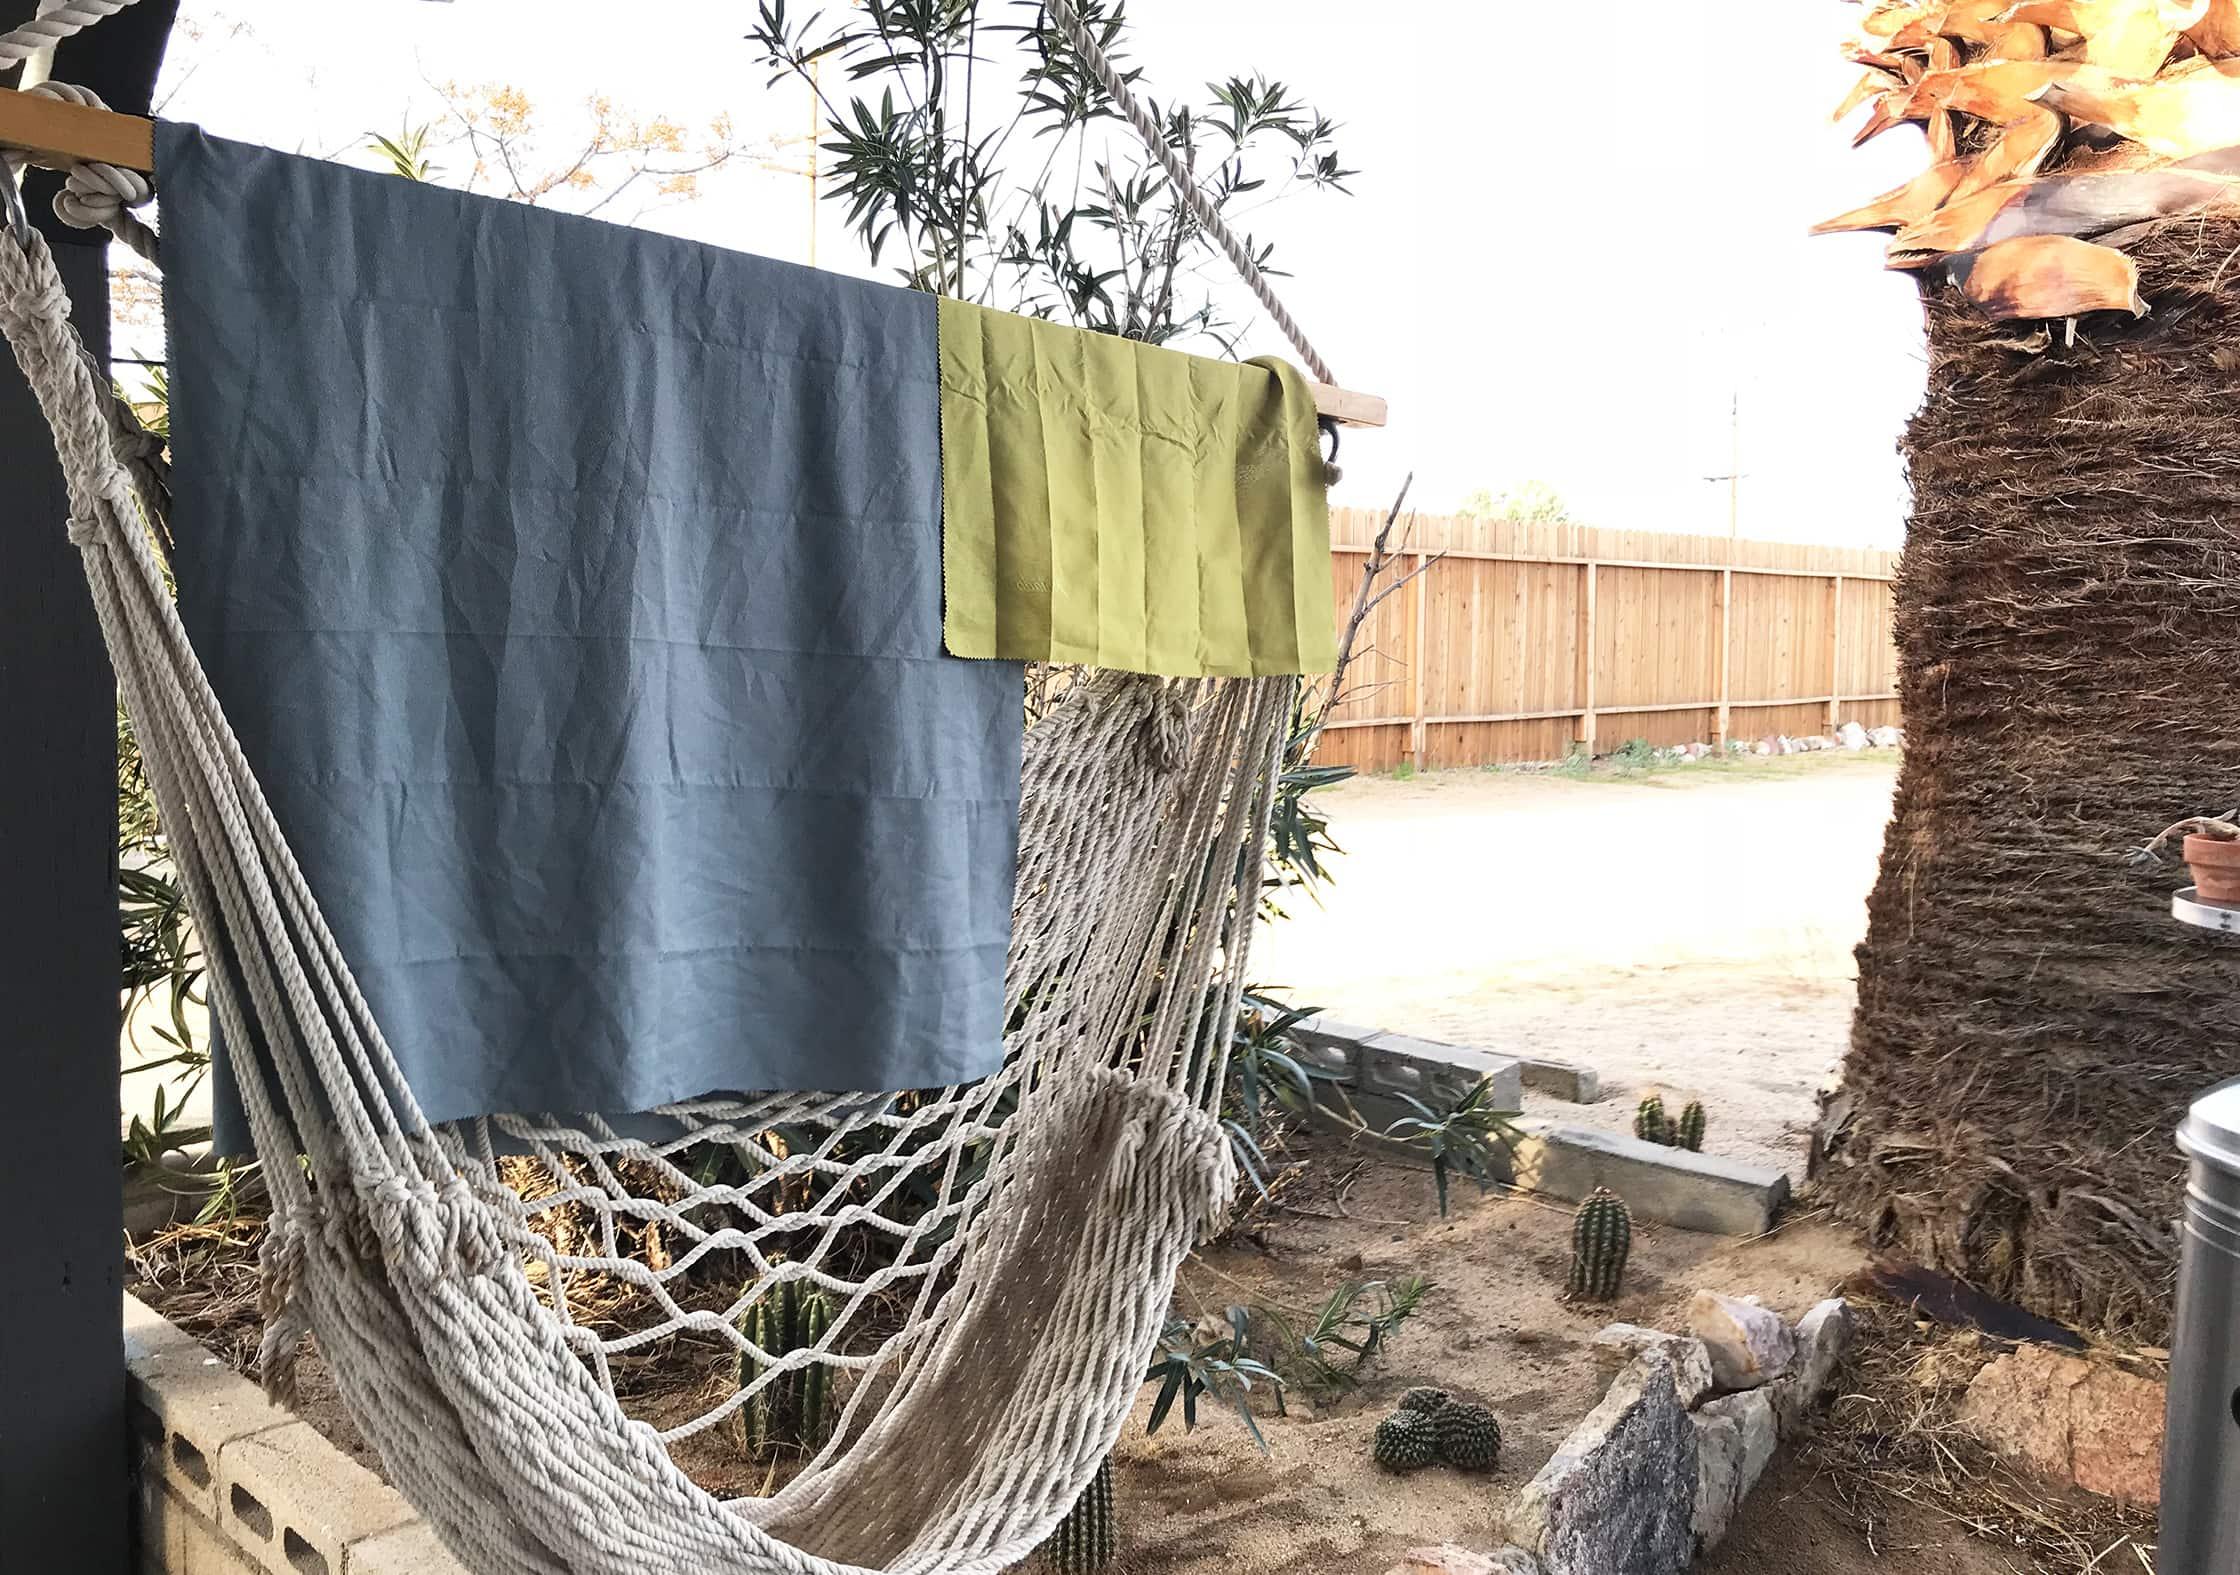 Matador NanoDry Towels On Hammock